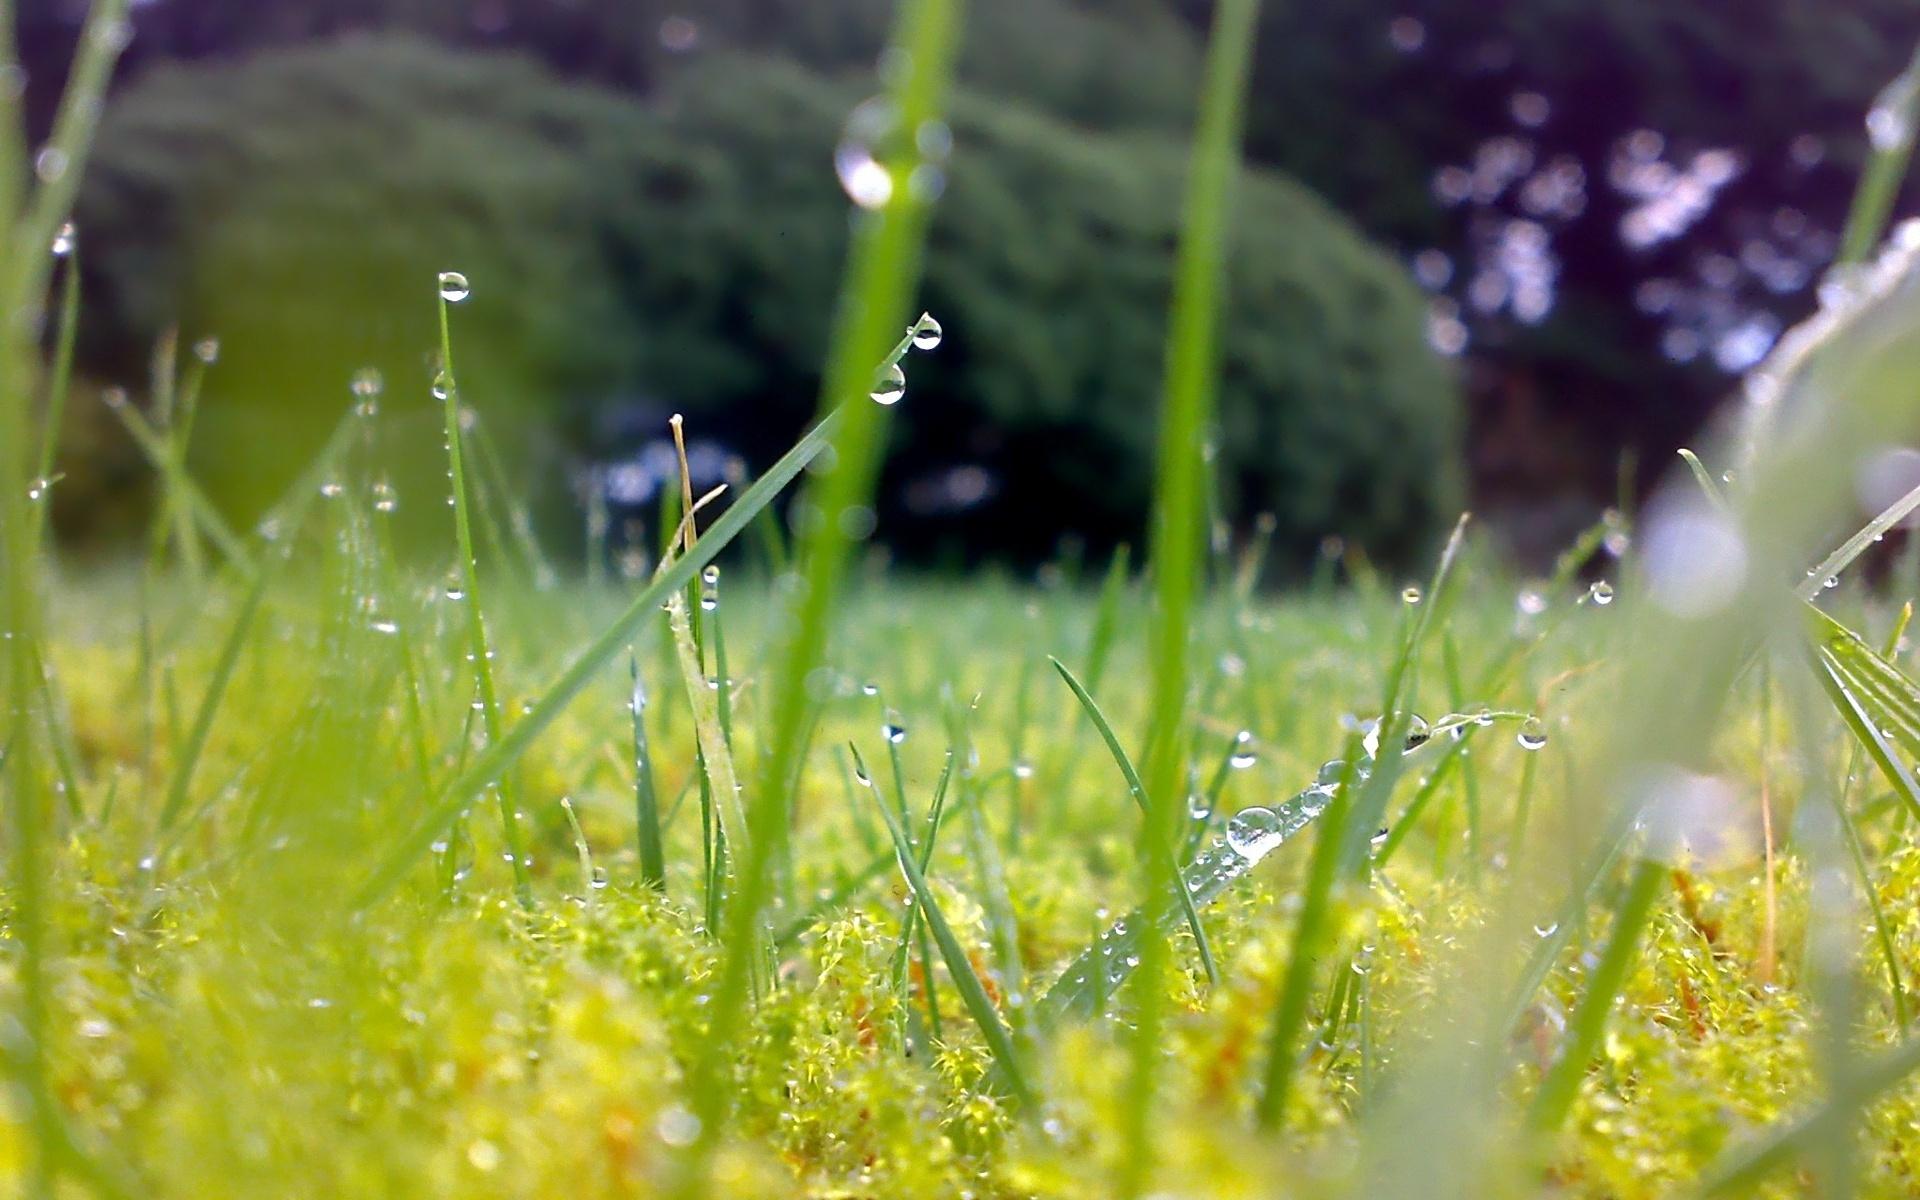 картинка летний дождь утро оклад